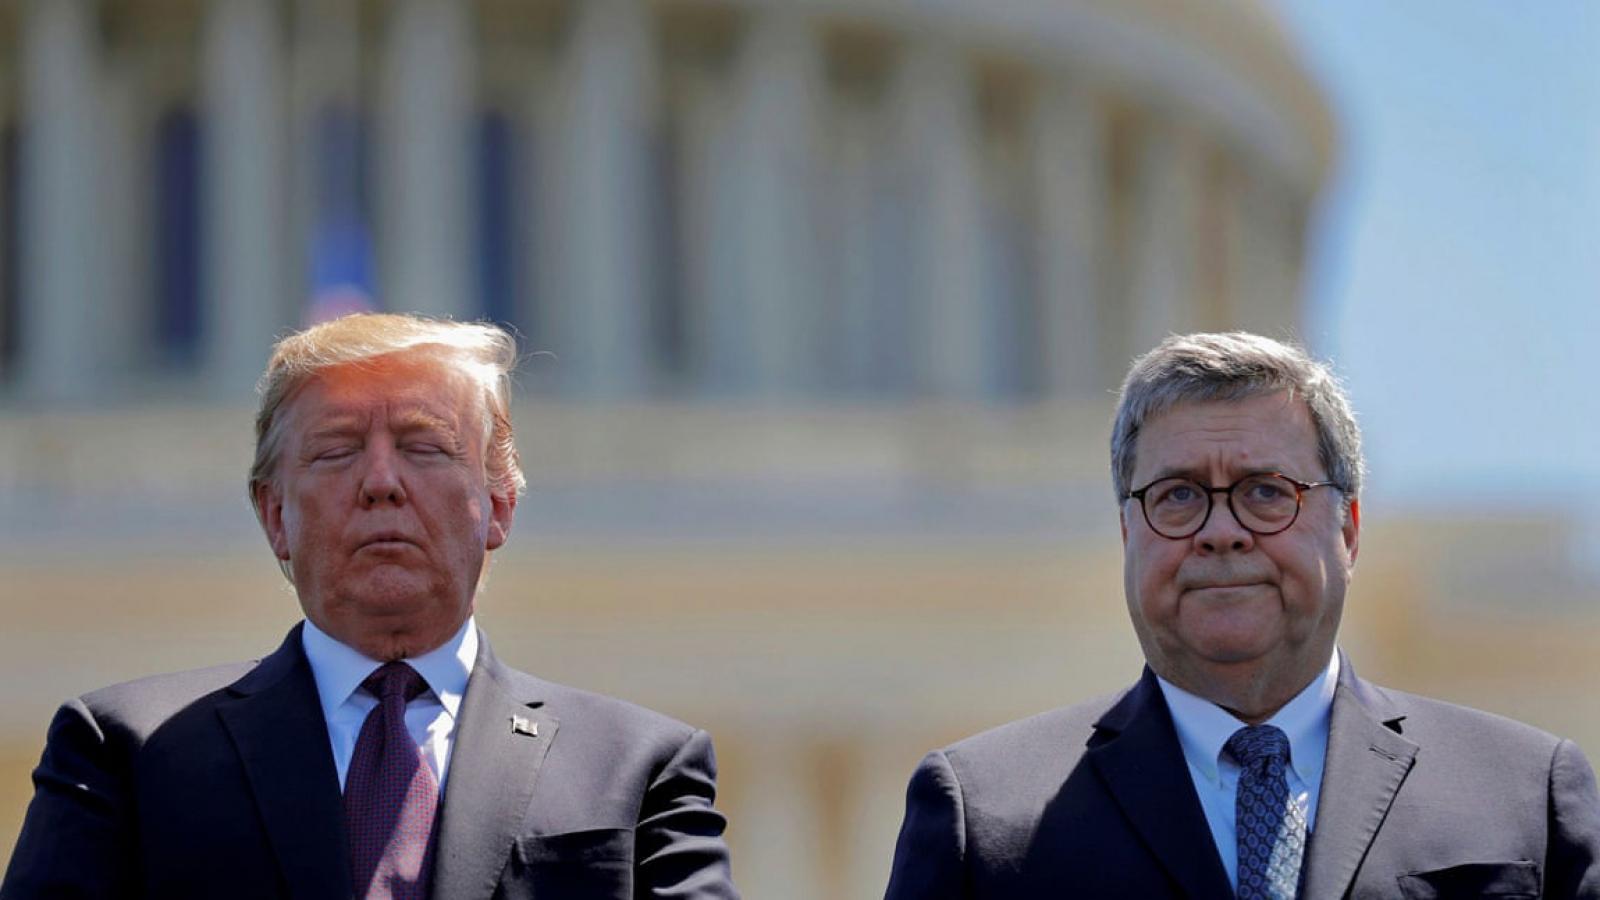 Cố vấn Nhà Trắng và cựu Bộ trưởng Tư pháp cảnh báo ông Trump không nên tự ân xá